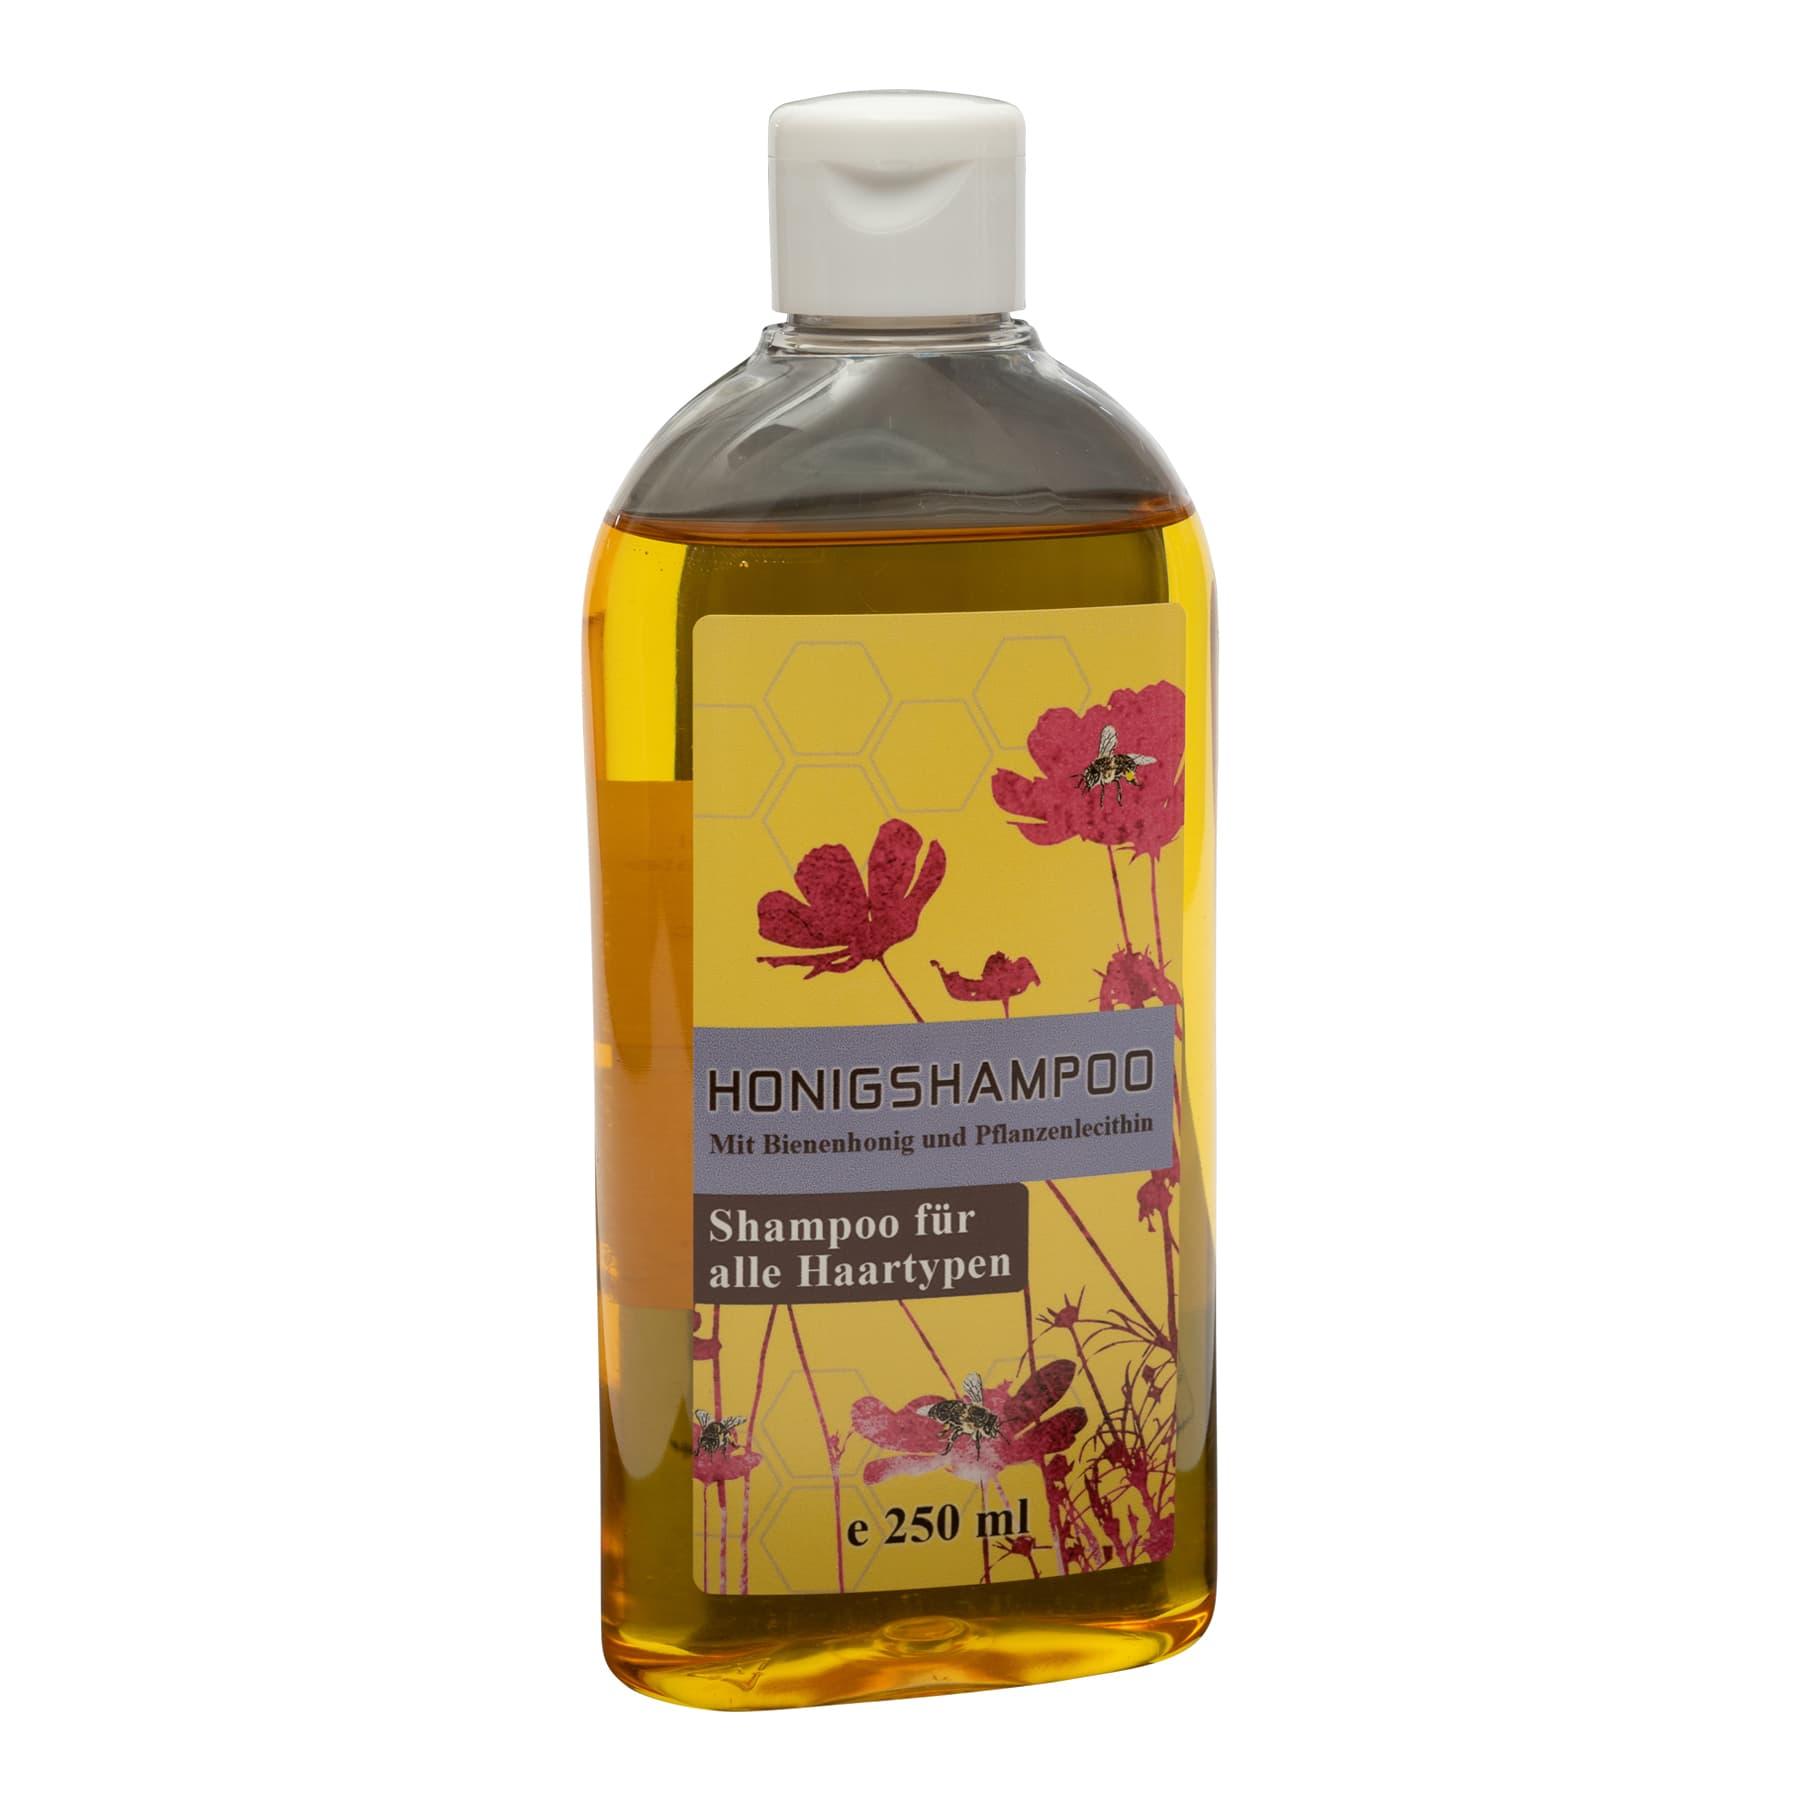 Honigshampoo 250 ml